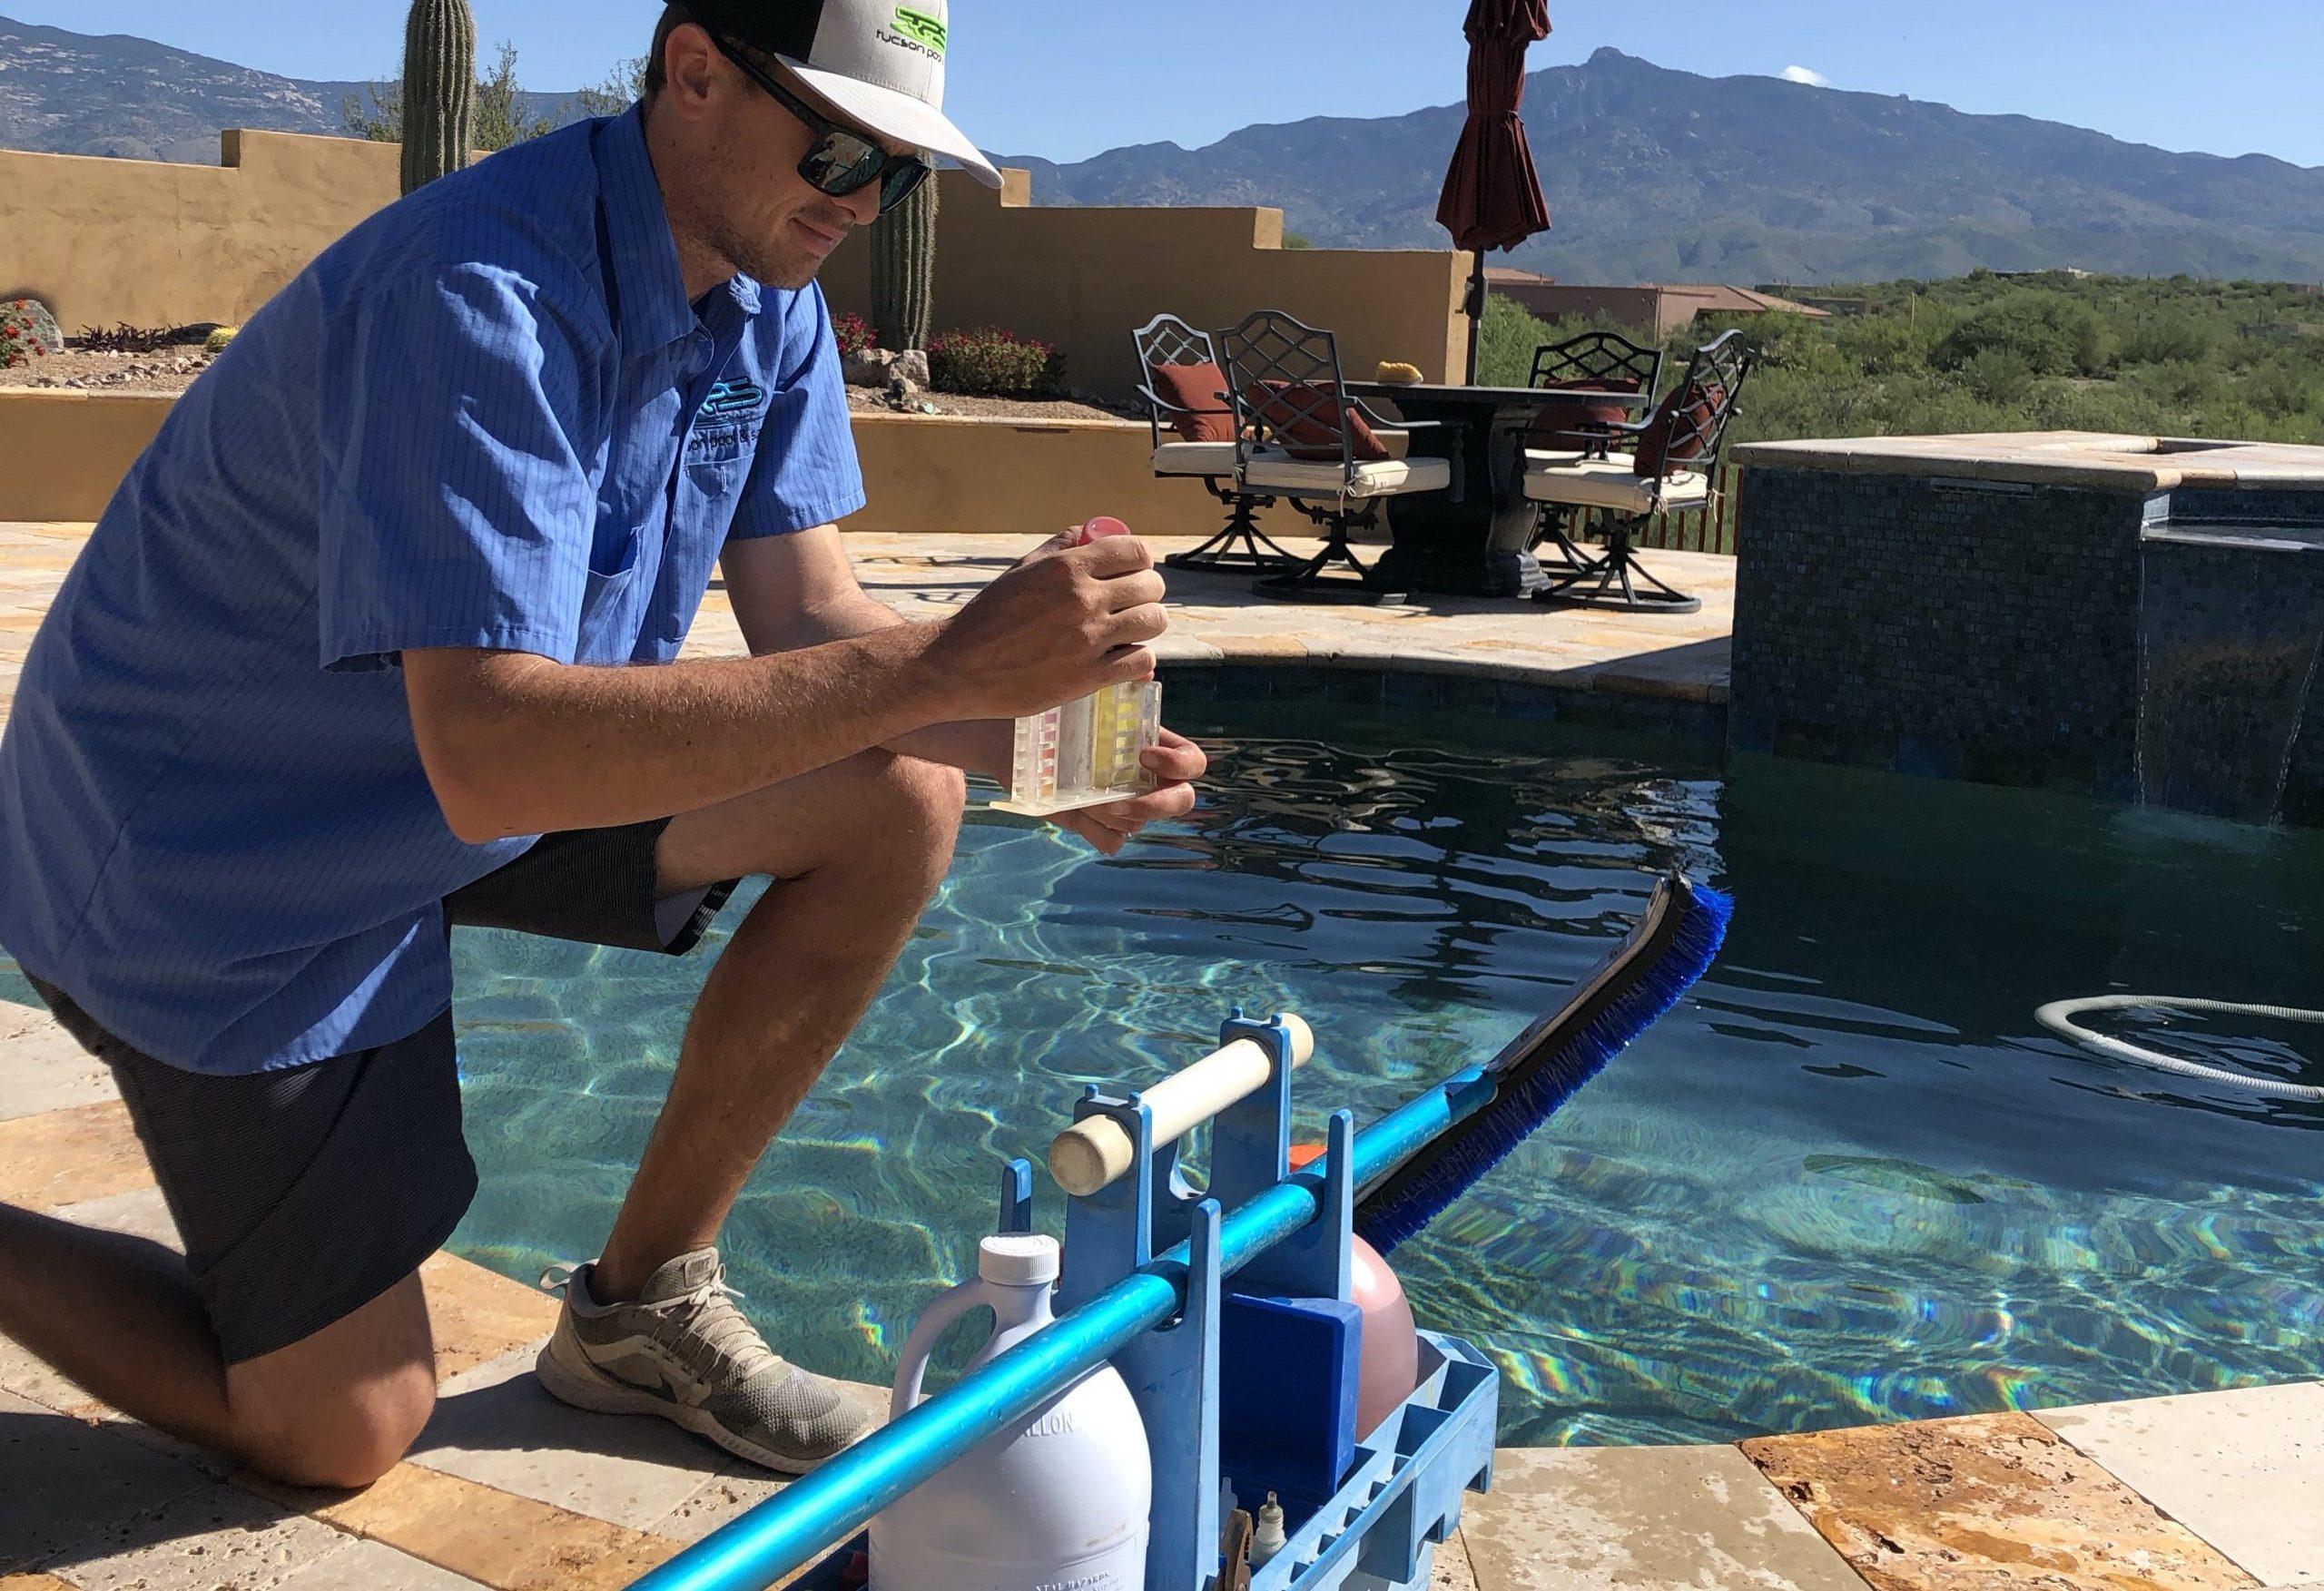 Man testing pool water